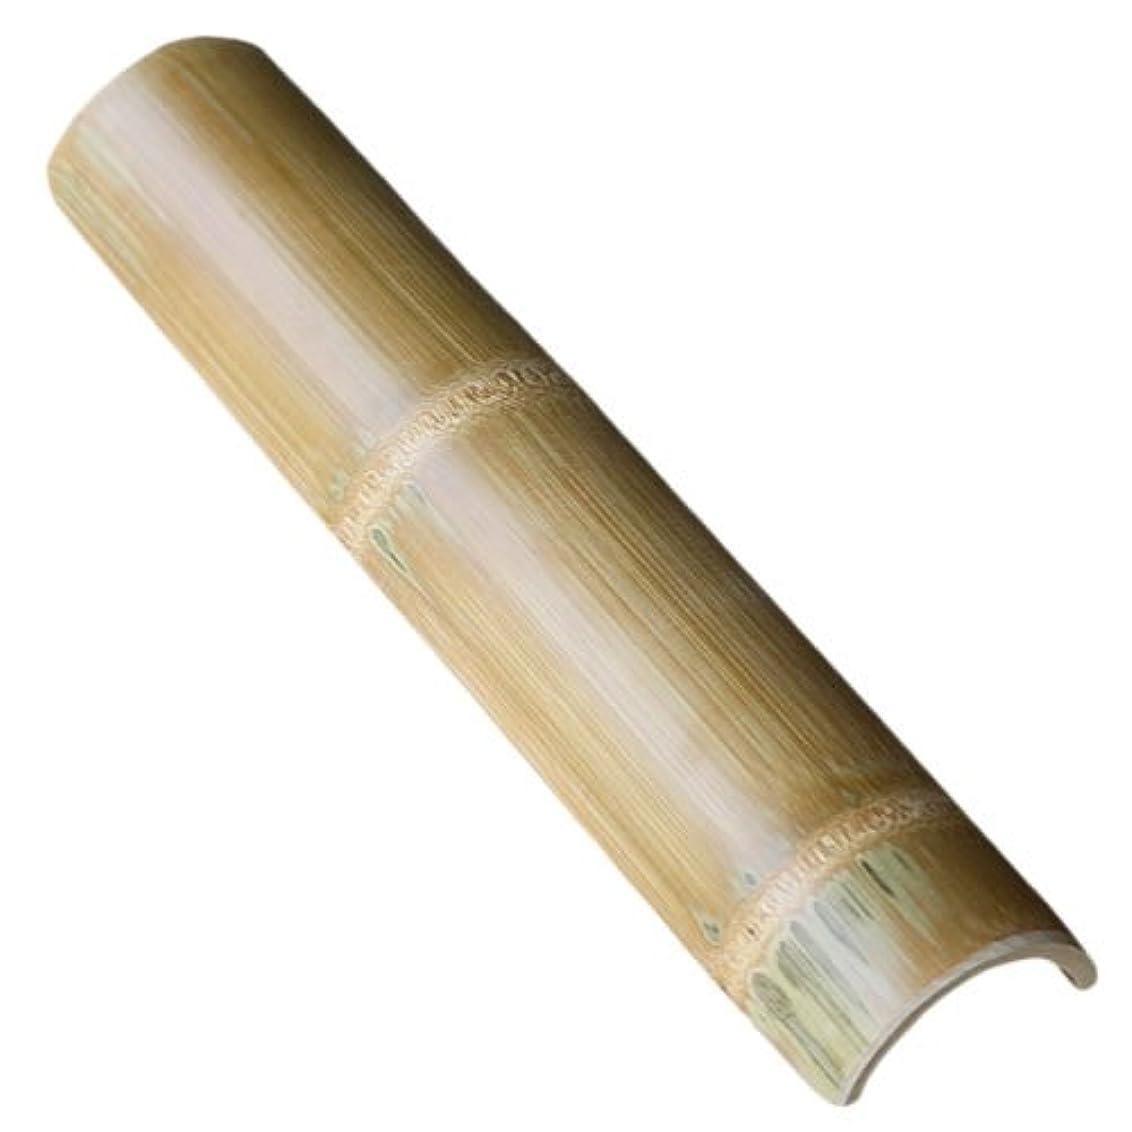 ペナルティはちみつ公式【国産】炭化竹踏み 青竹を炭化加工して防虫、防カビ効果を向上させて美しく磨き上げた丈夫な二節付の竹踏み